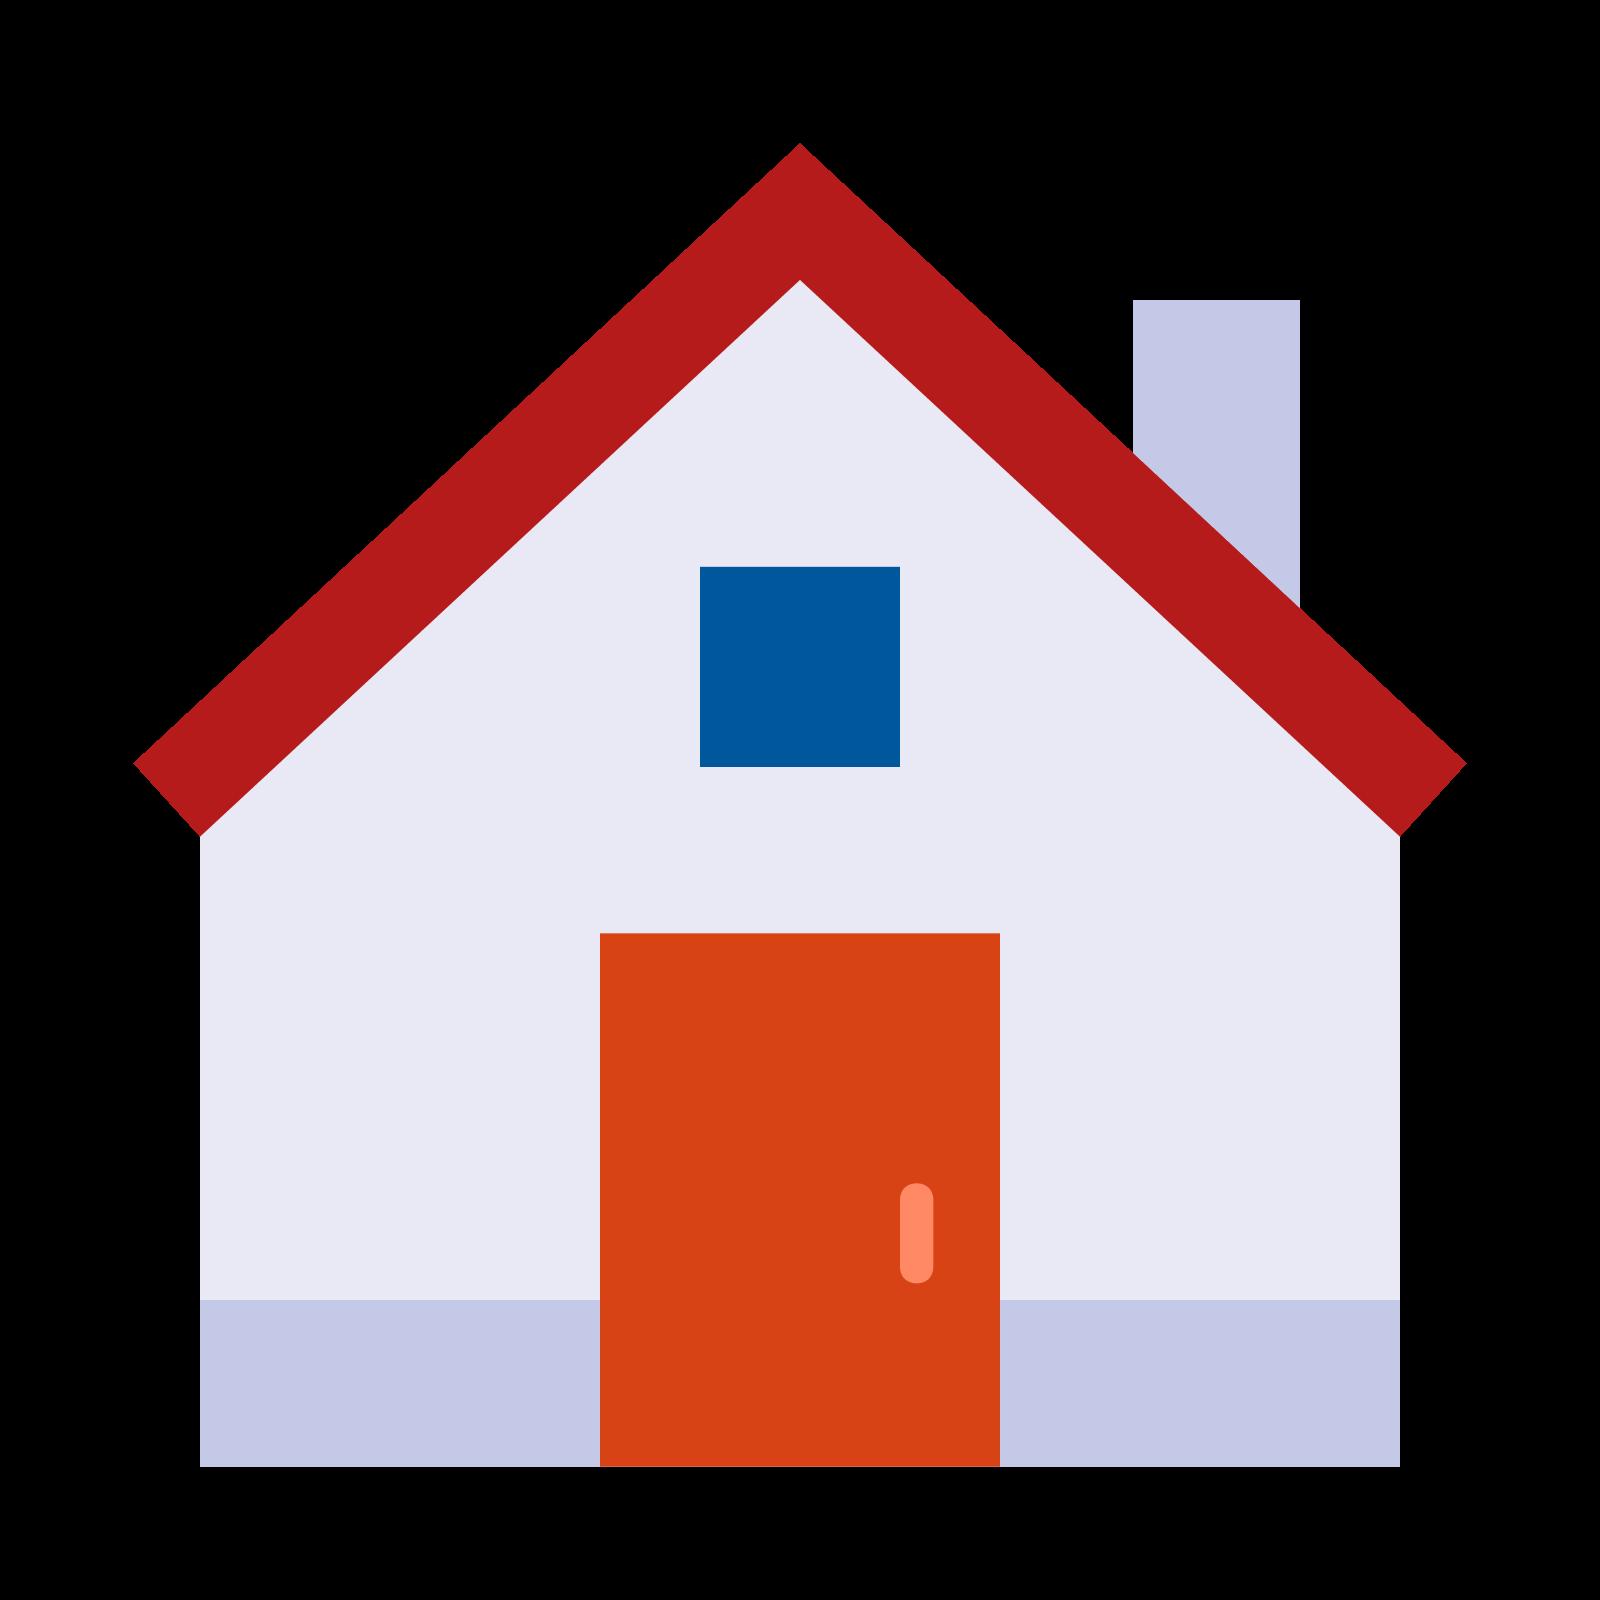 Alojamiento vacacional - ALQUILER